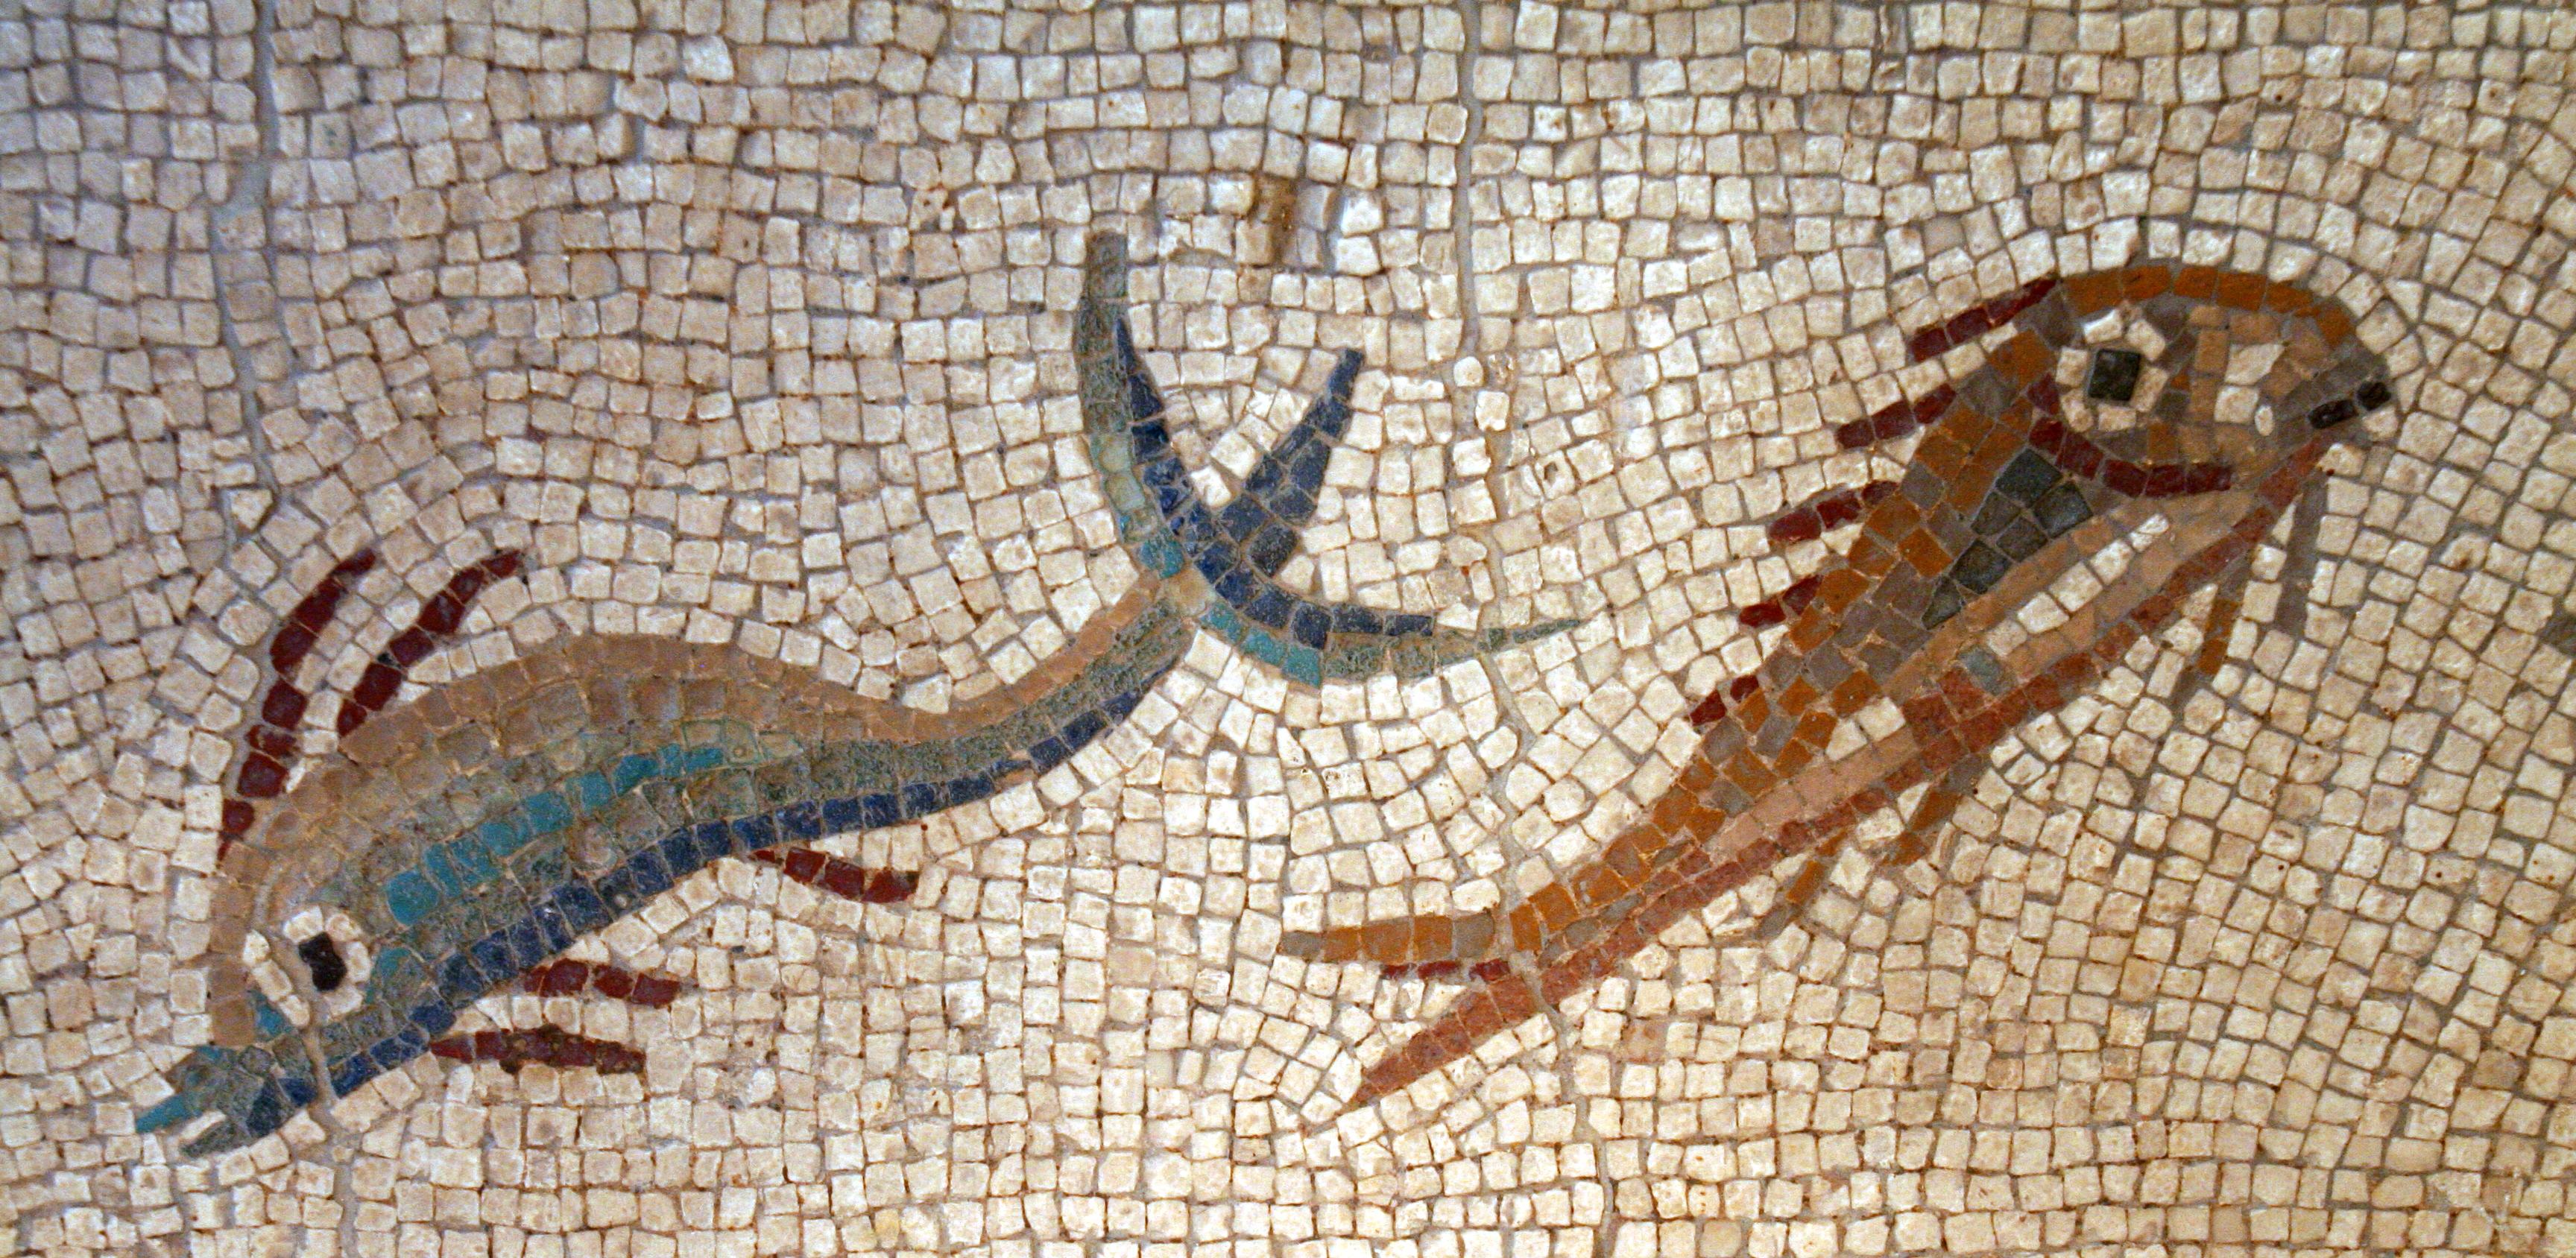 рыба Барабулька краснобородка римская мозаика пейзажи природы Альберт Сафиуллин